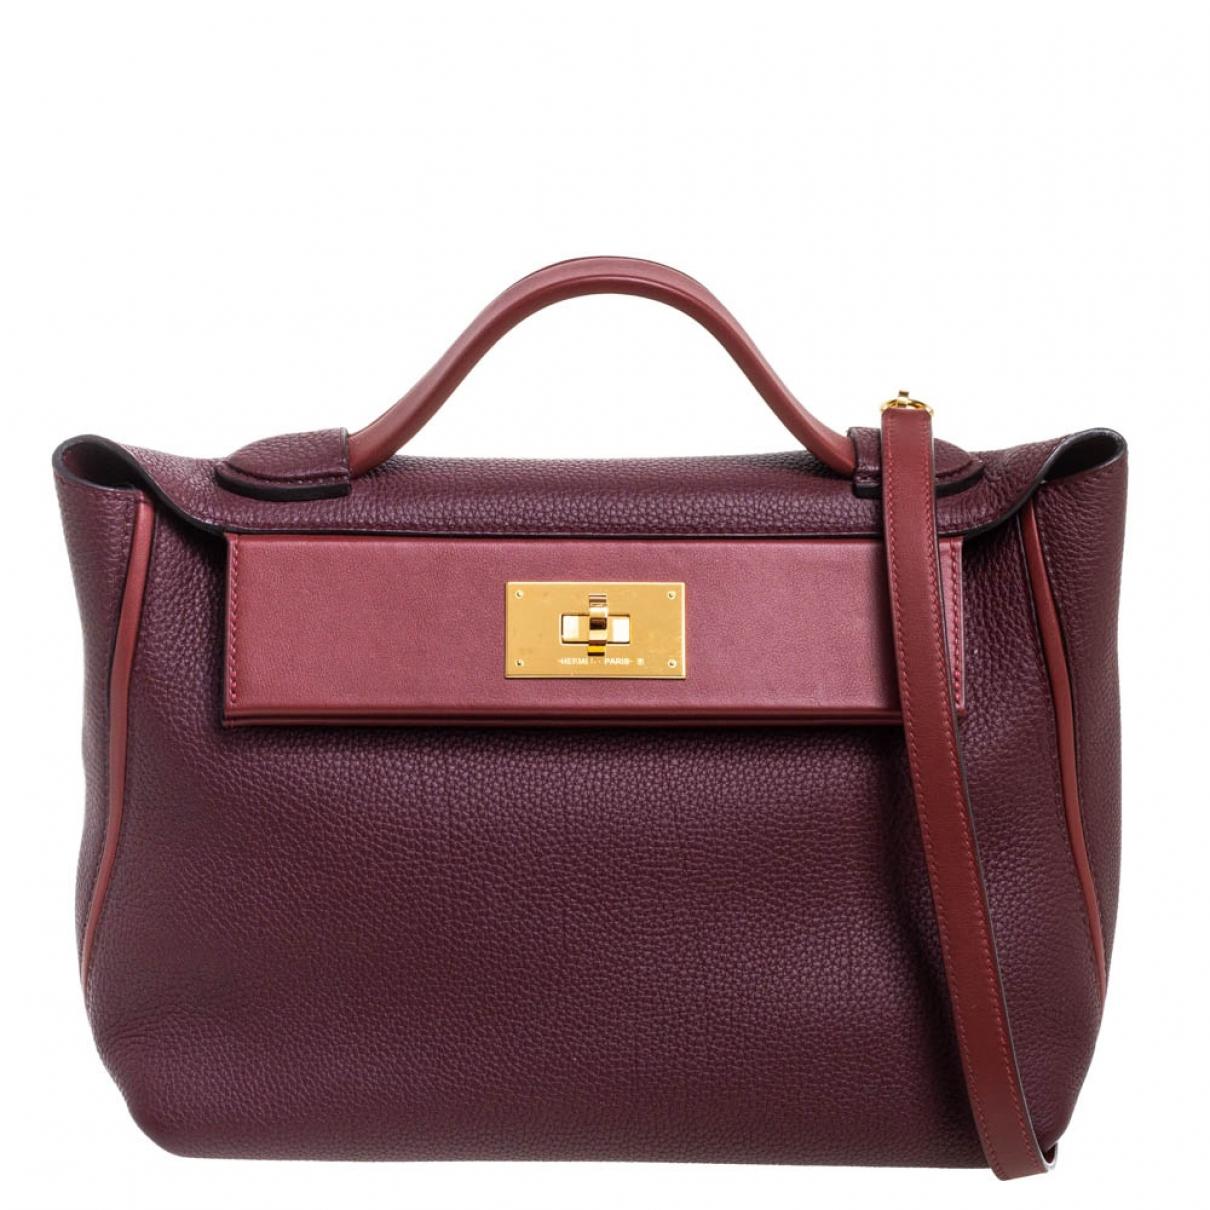 Hermes 24/24 Handtasche in  Bordeauxrot Leder